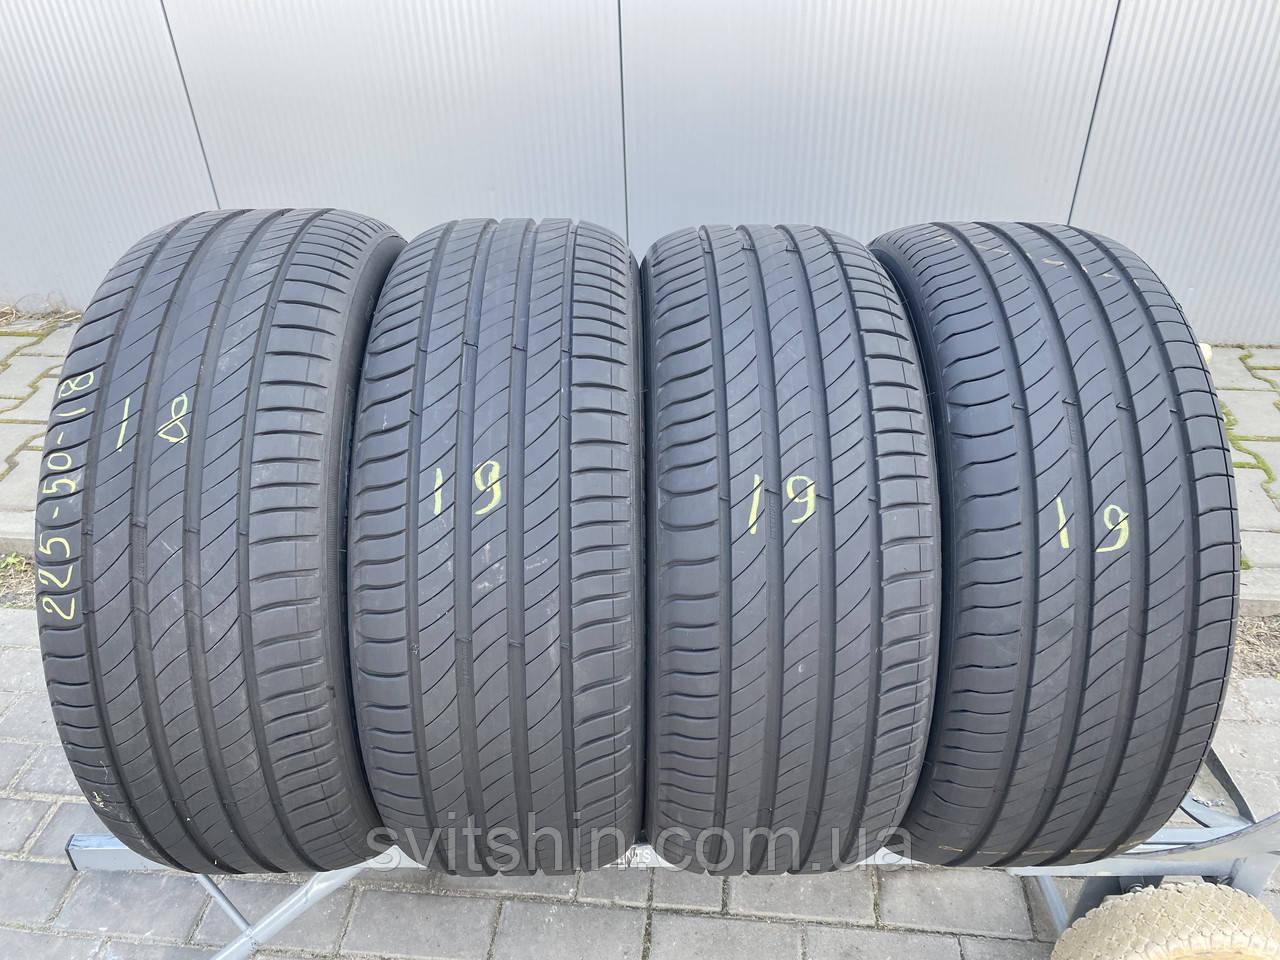 Шини літо 225/50R18 99W Michelin Primacy 4 (6,5мм)